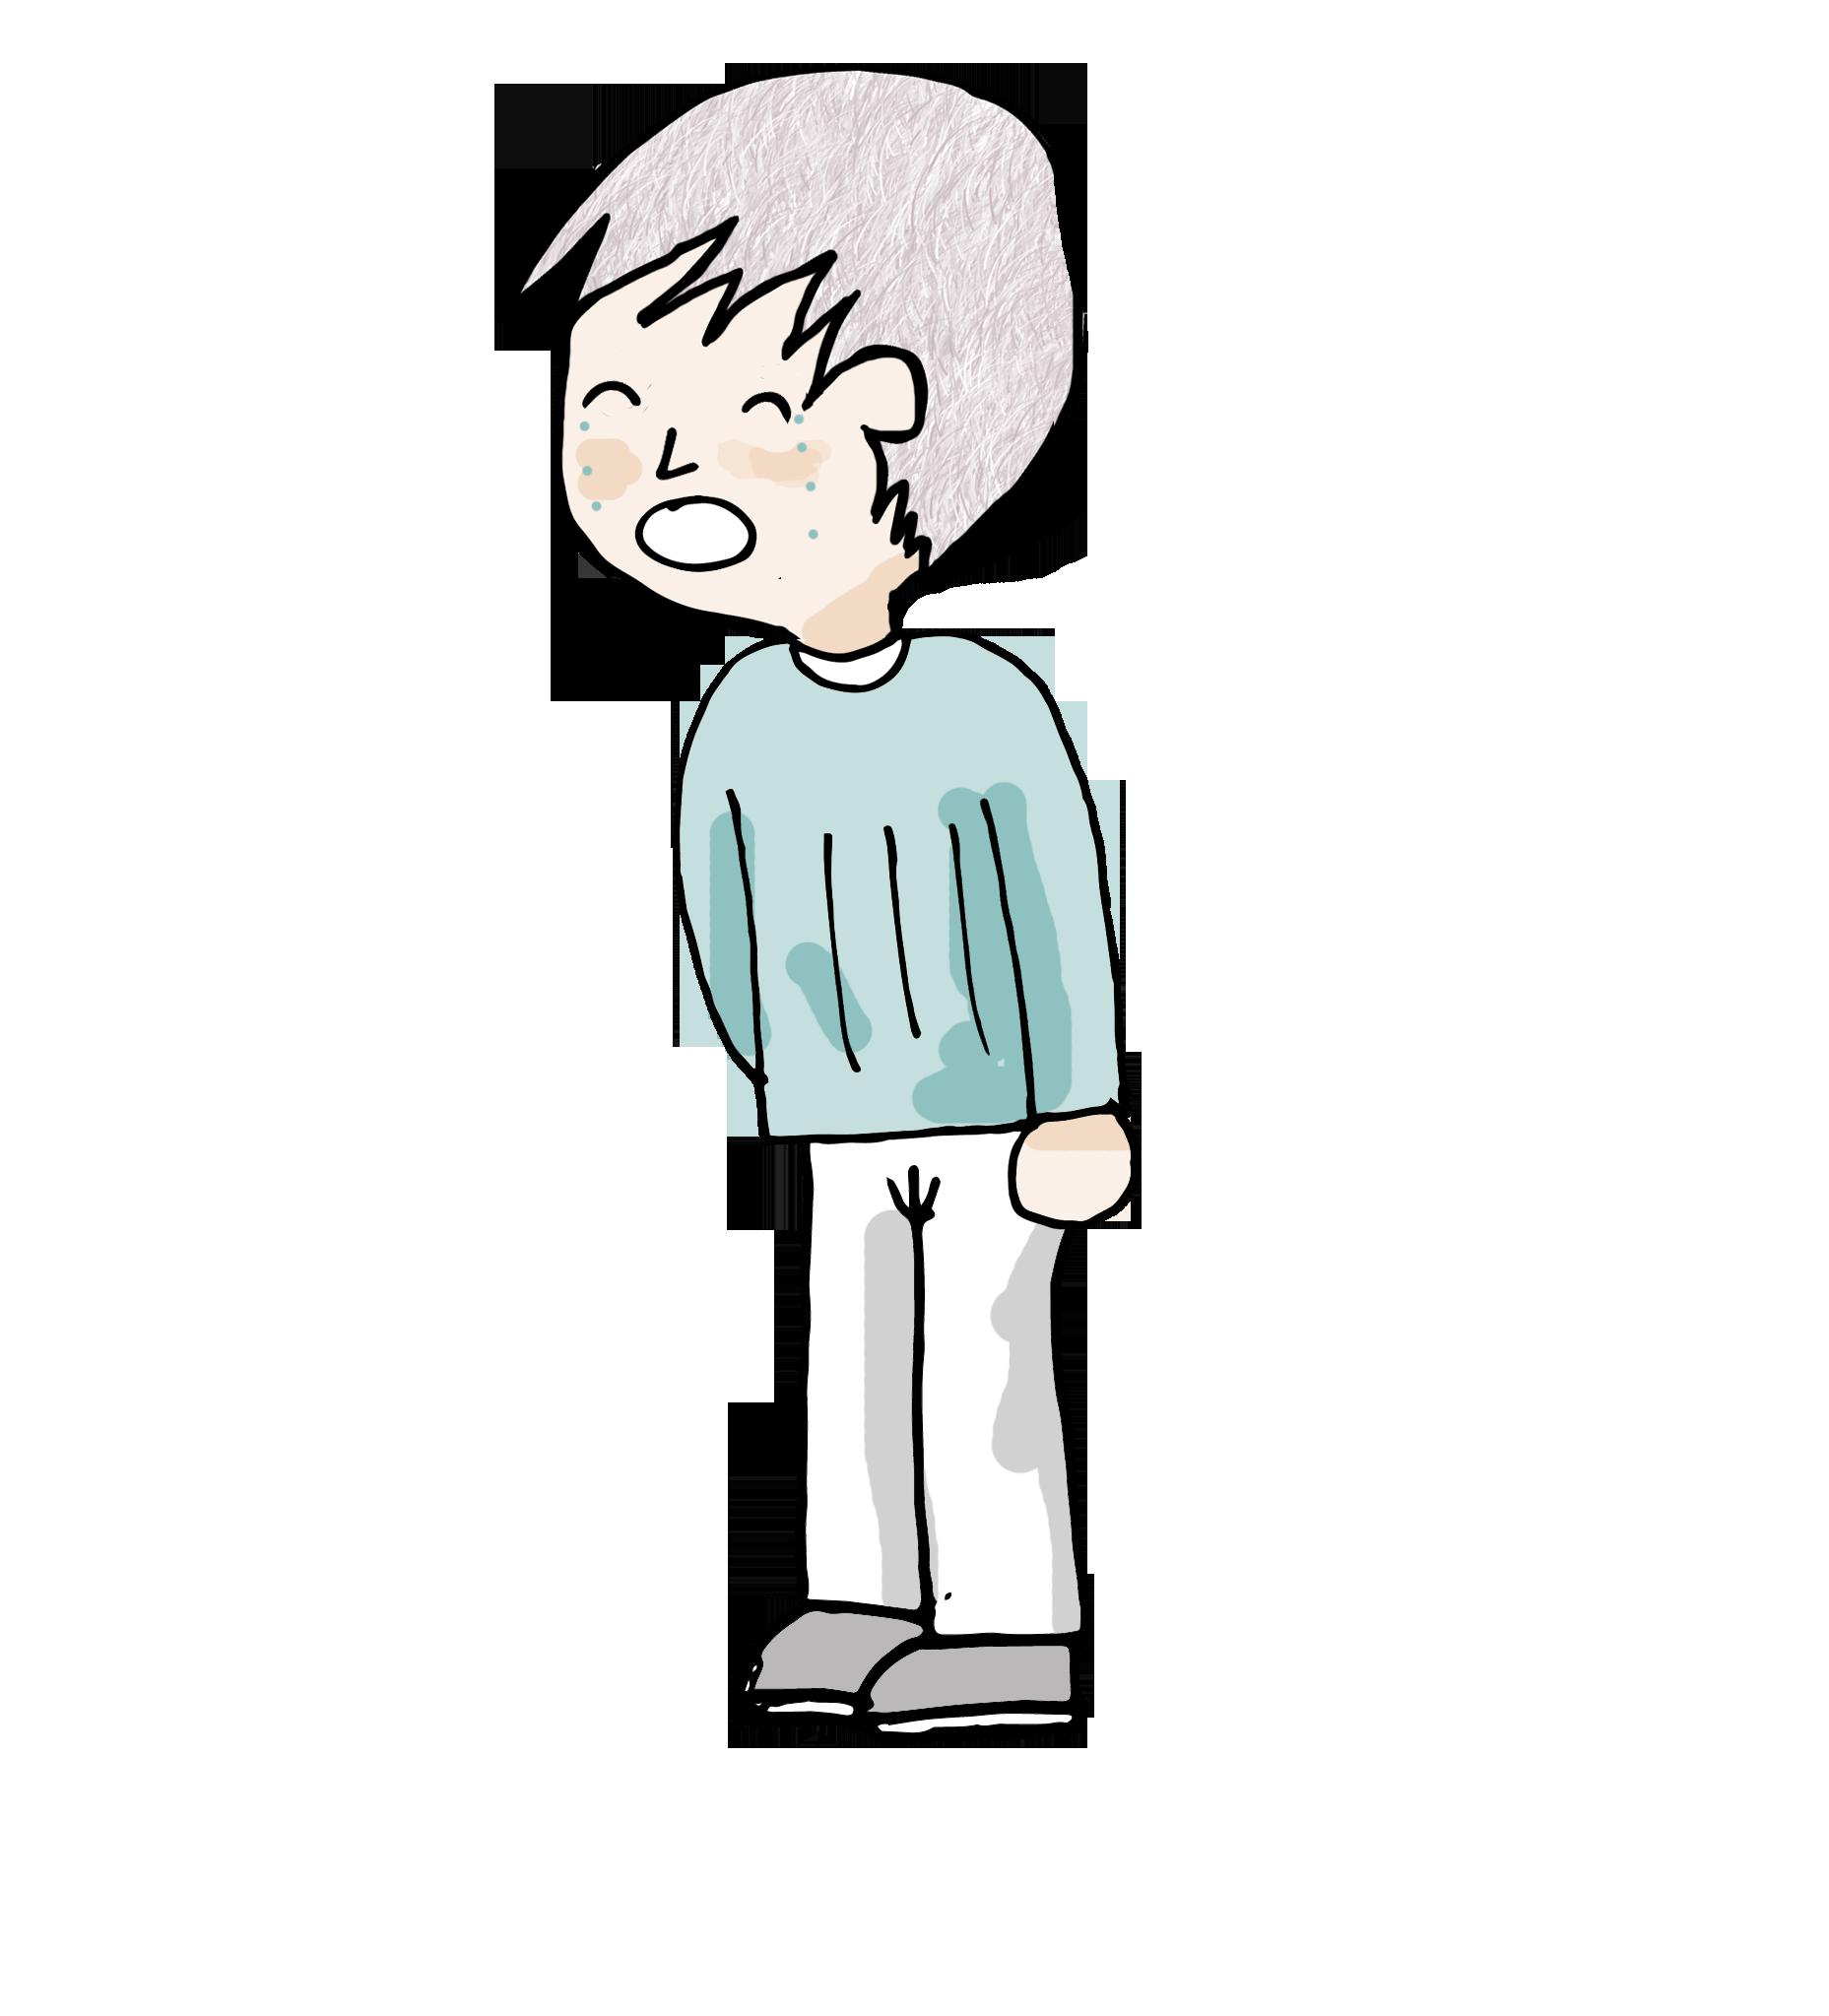 niño llorando acoso escolar bullying ayudarte estudio psicologia